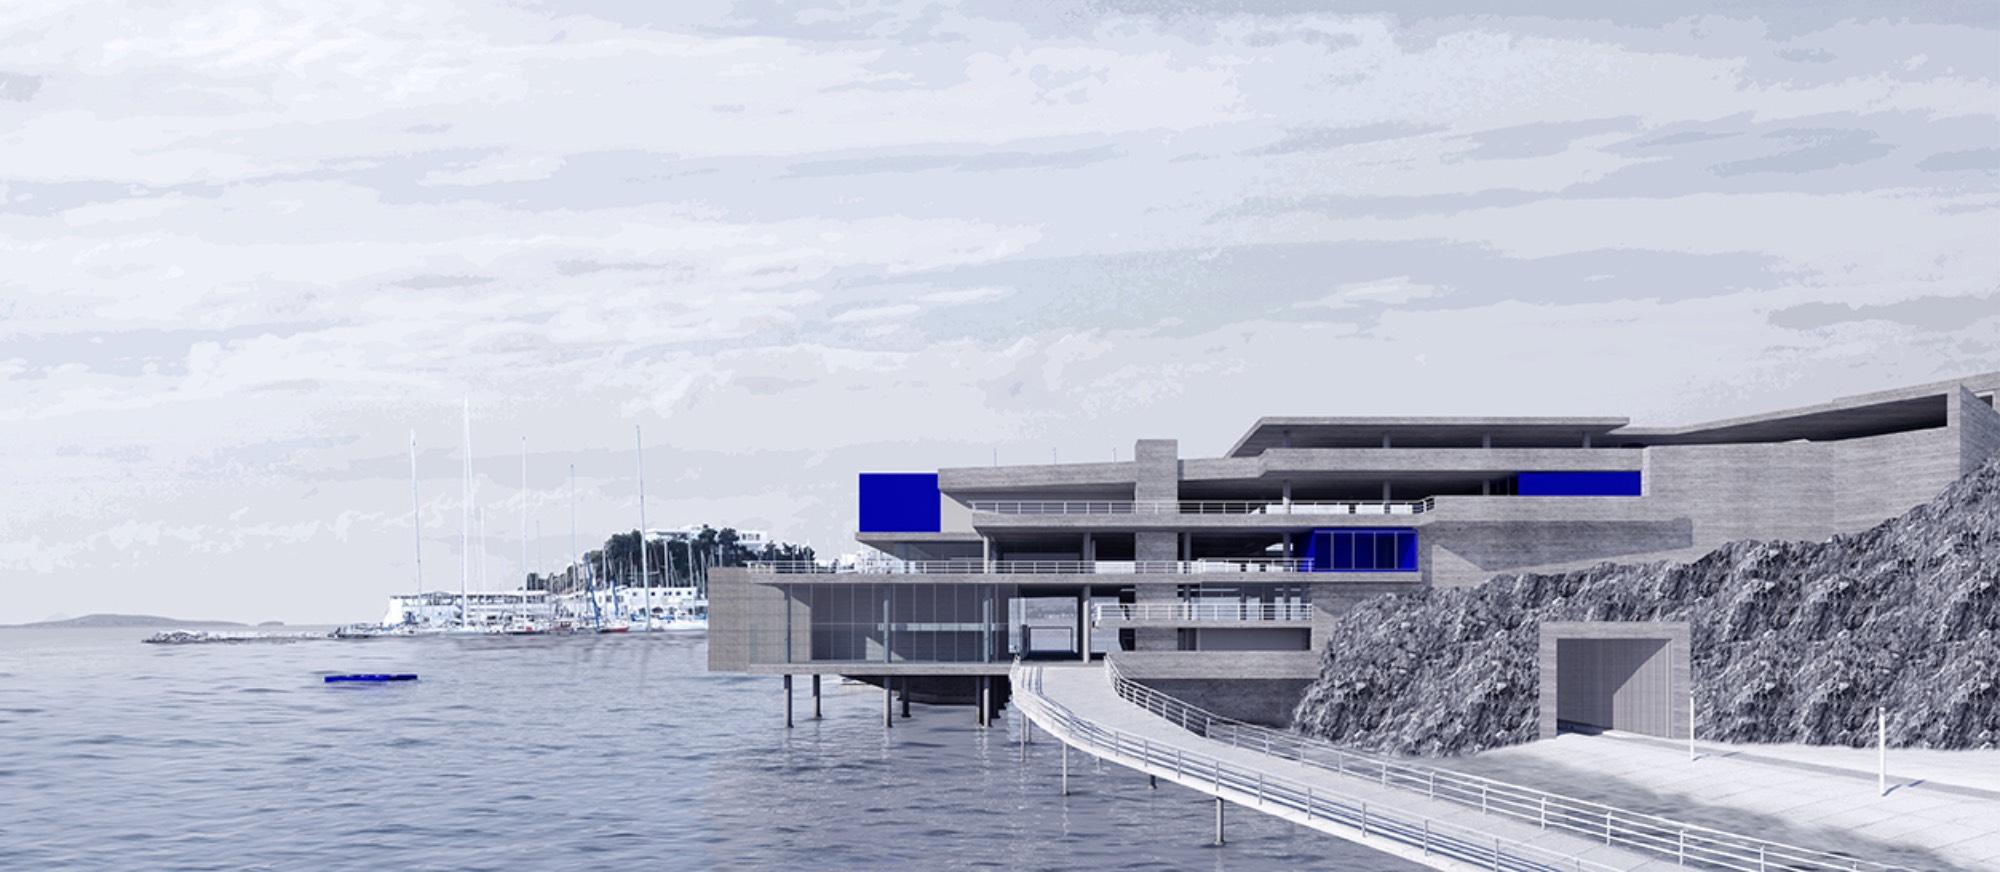 Κτίσμα, θάλασσα και βράχος: Ενεργοποιώντας το Πνευματικό Κέντρο Ζαχαρίου, στον Πειραιά